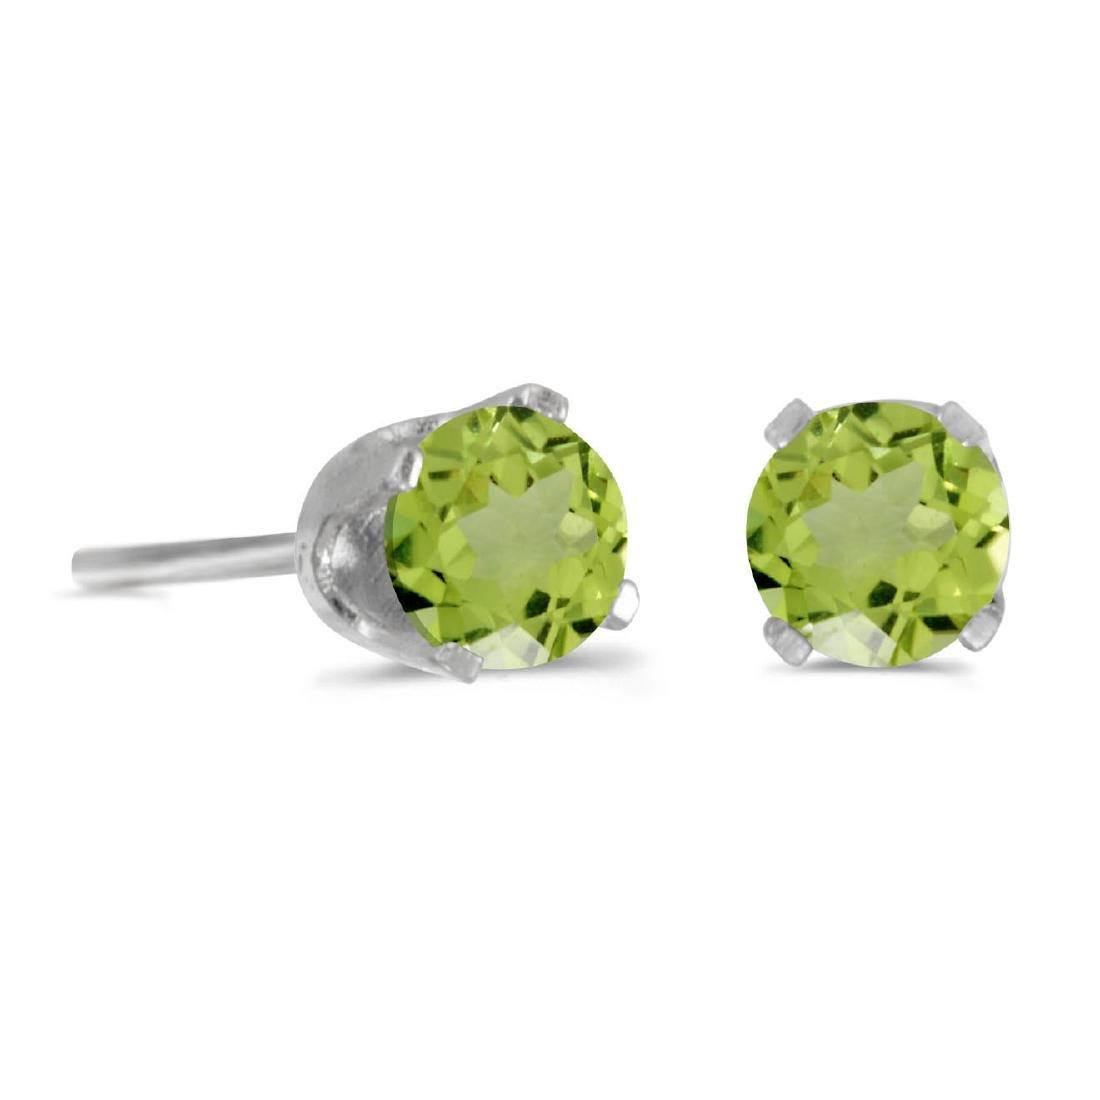 Certified 4 mm Round Peridot Stud Earrings in Sterling